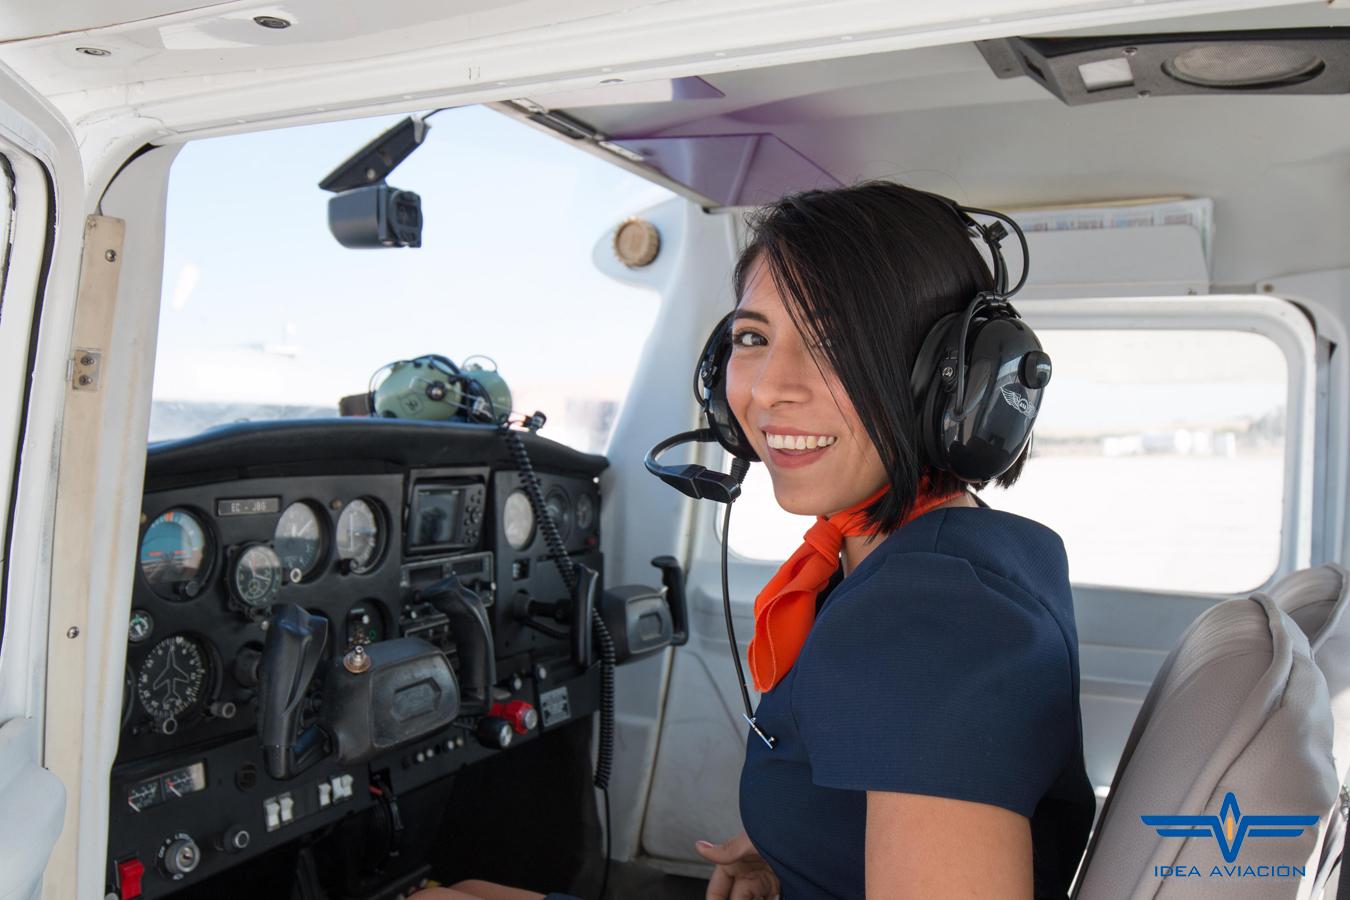 Idea_Aviacion_Curso_Auxiliar_Vuelo_Sevilla_Practicas_Vuelo_16